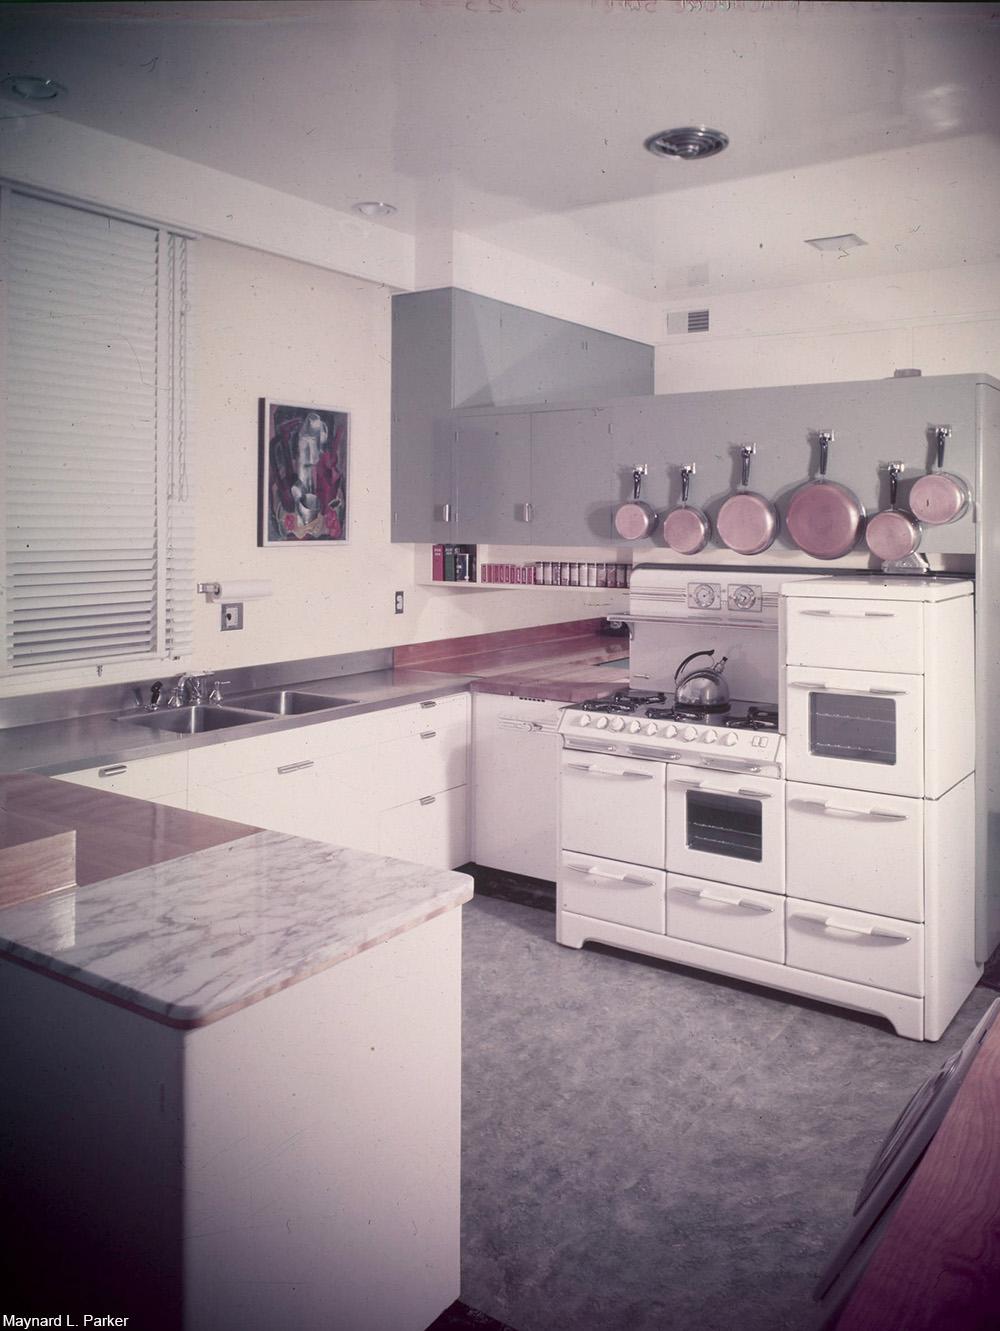 post-war American kitchen